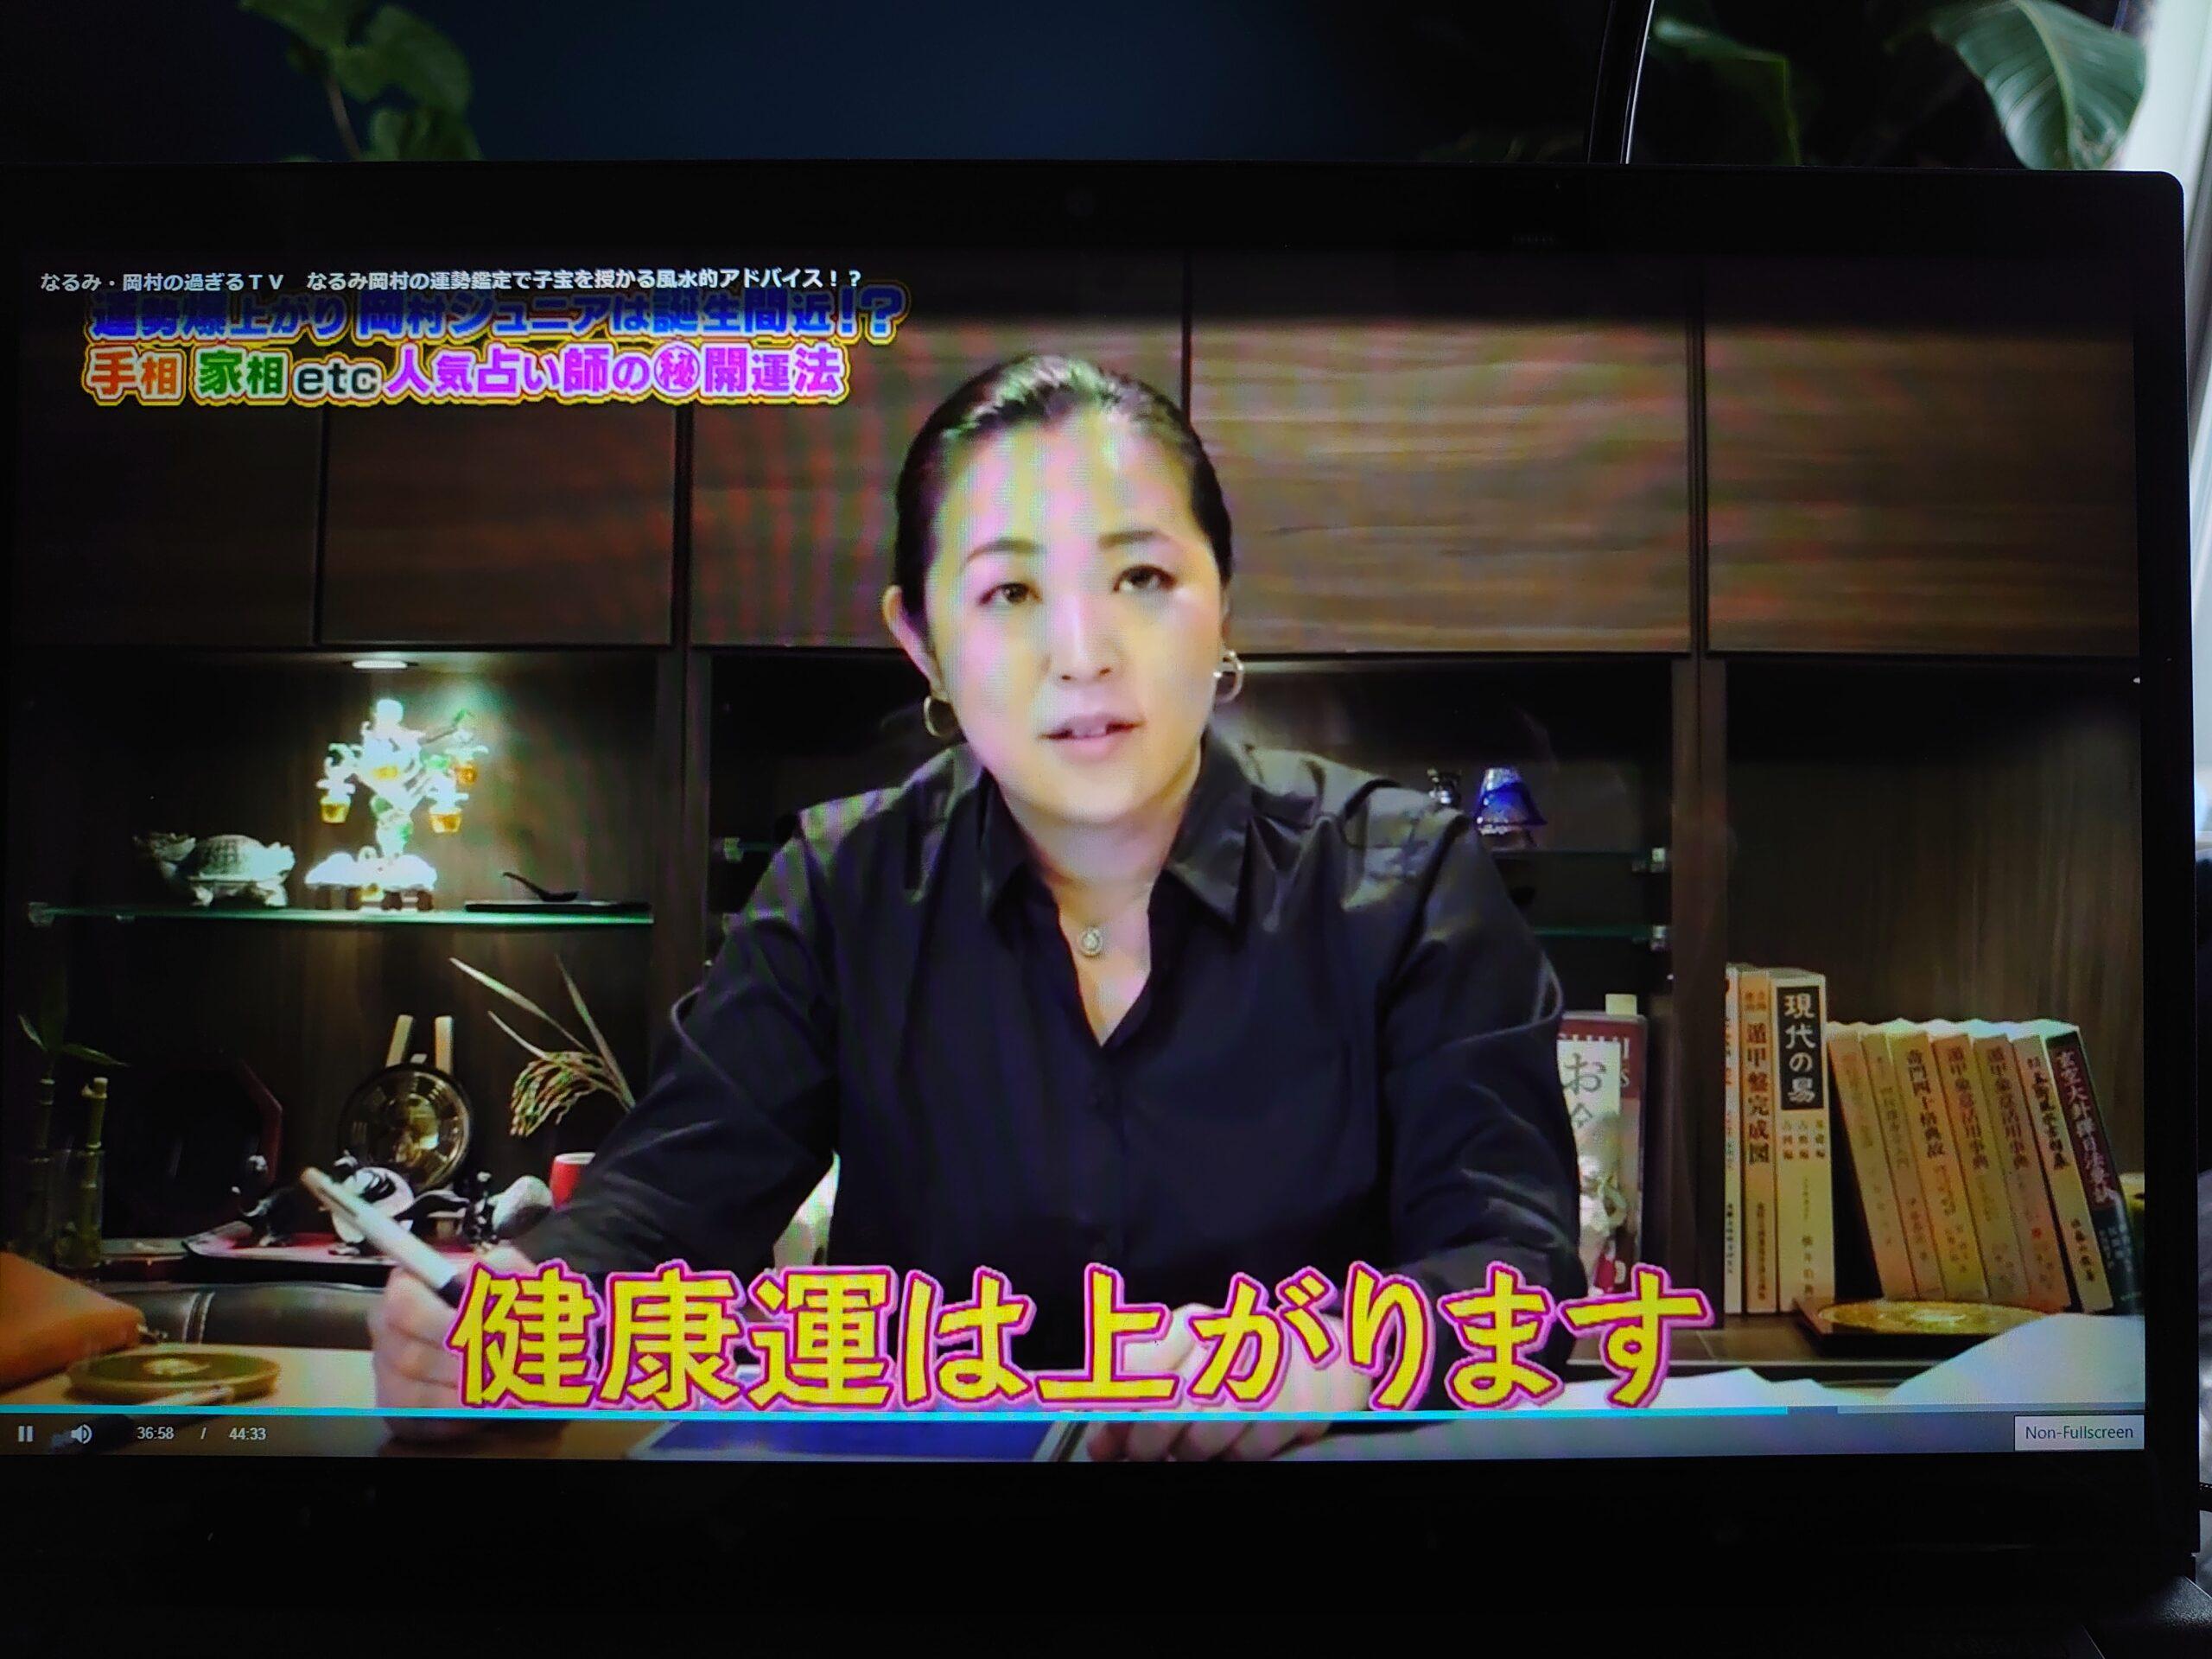 再び出演「なるみ・岡村の過ぎるTV」(スタイリッシュ風水・宙SORA)